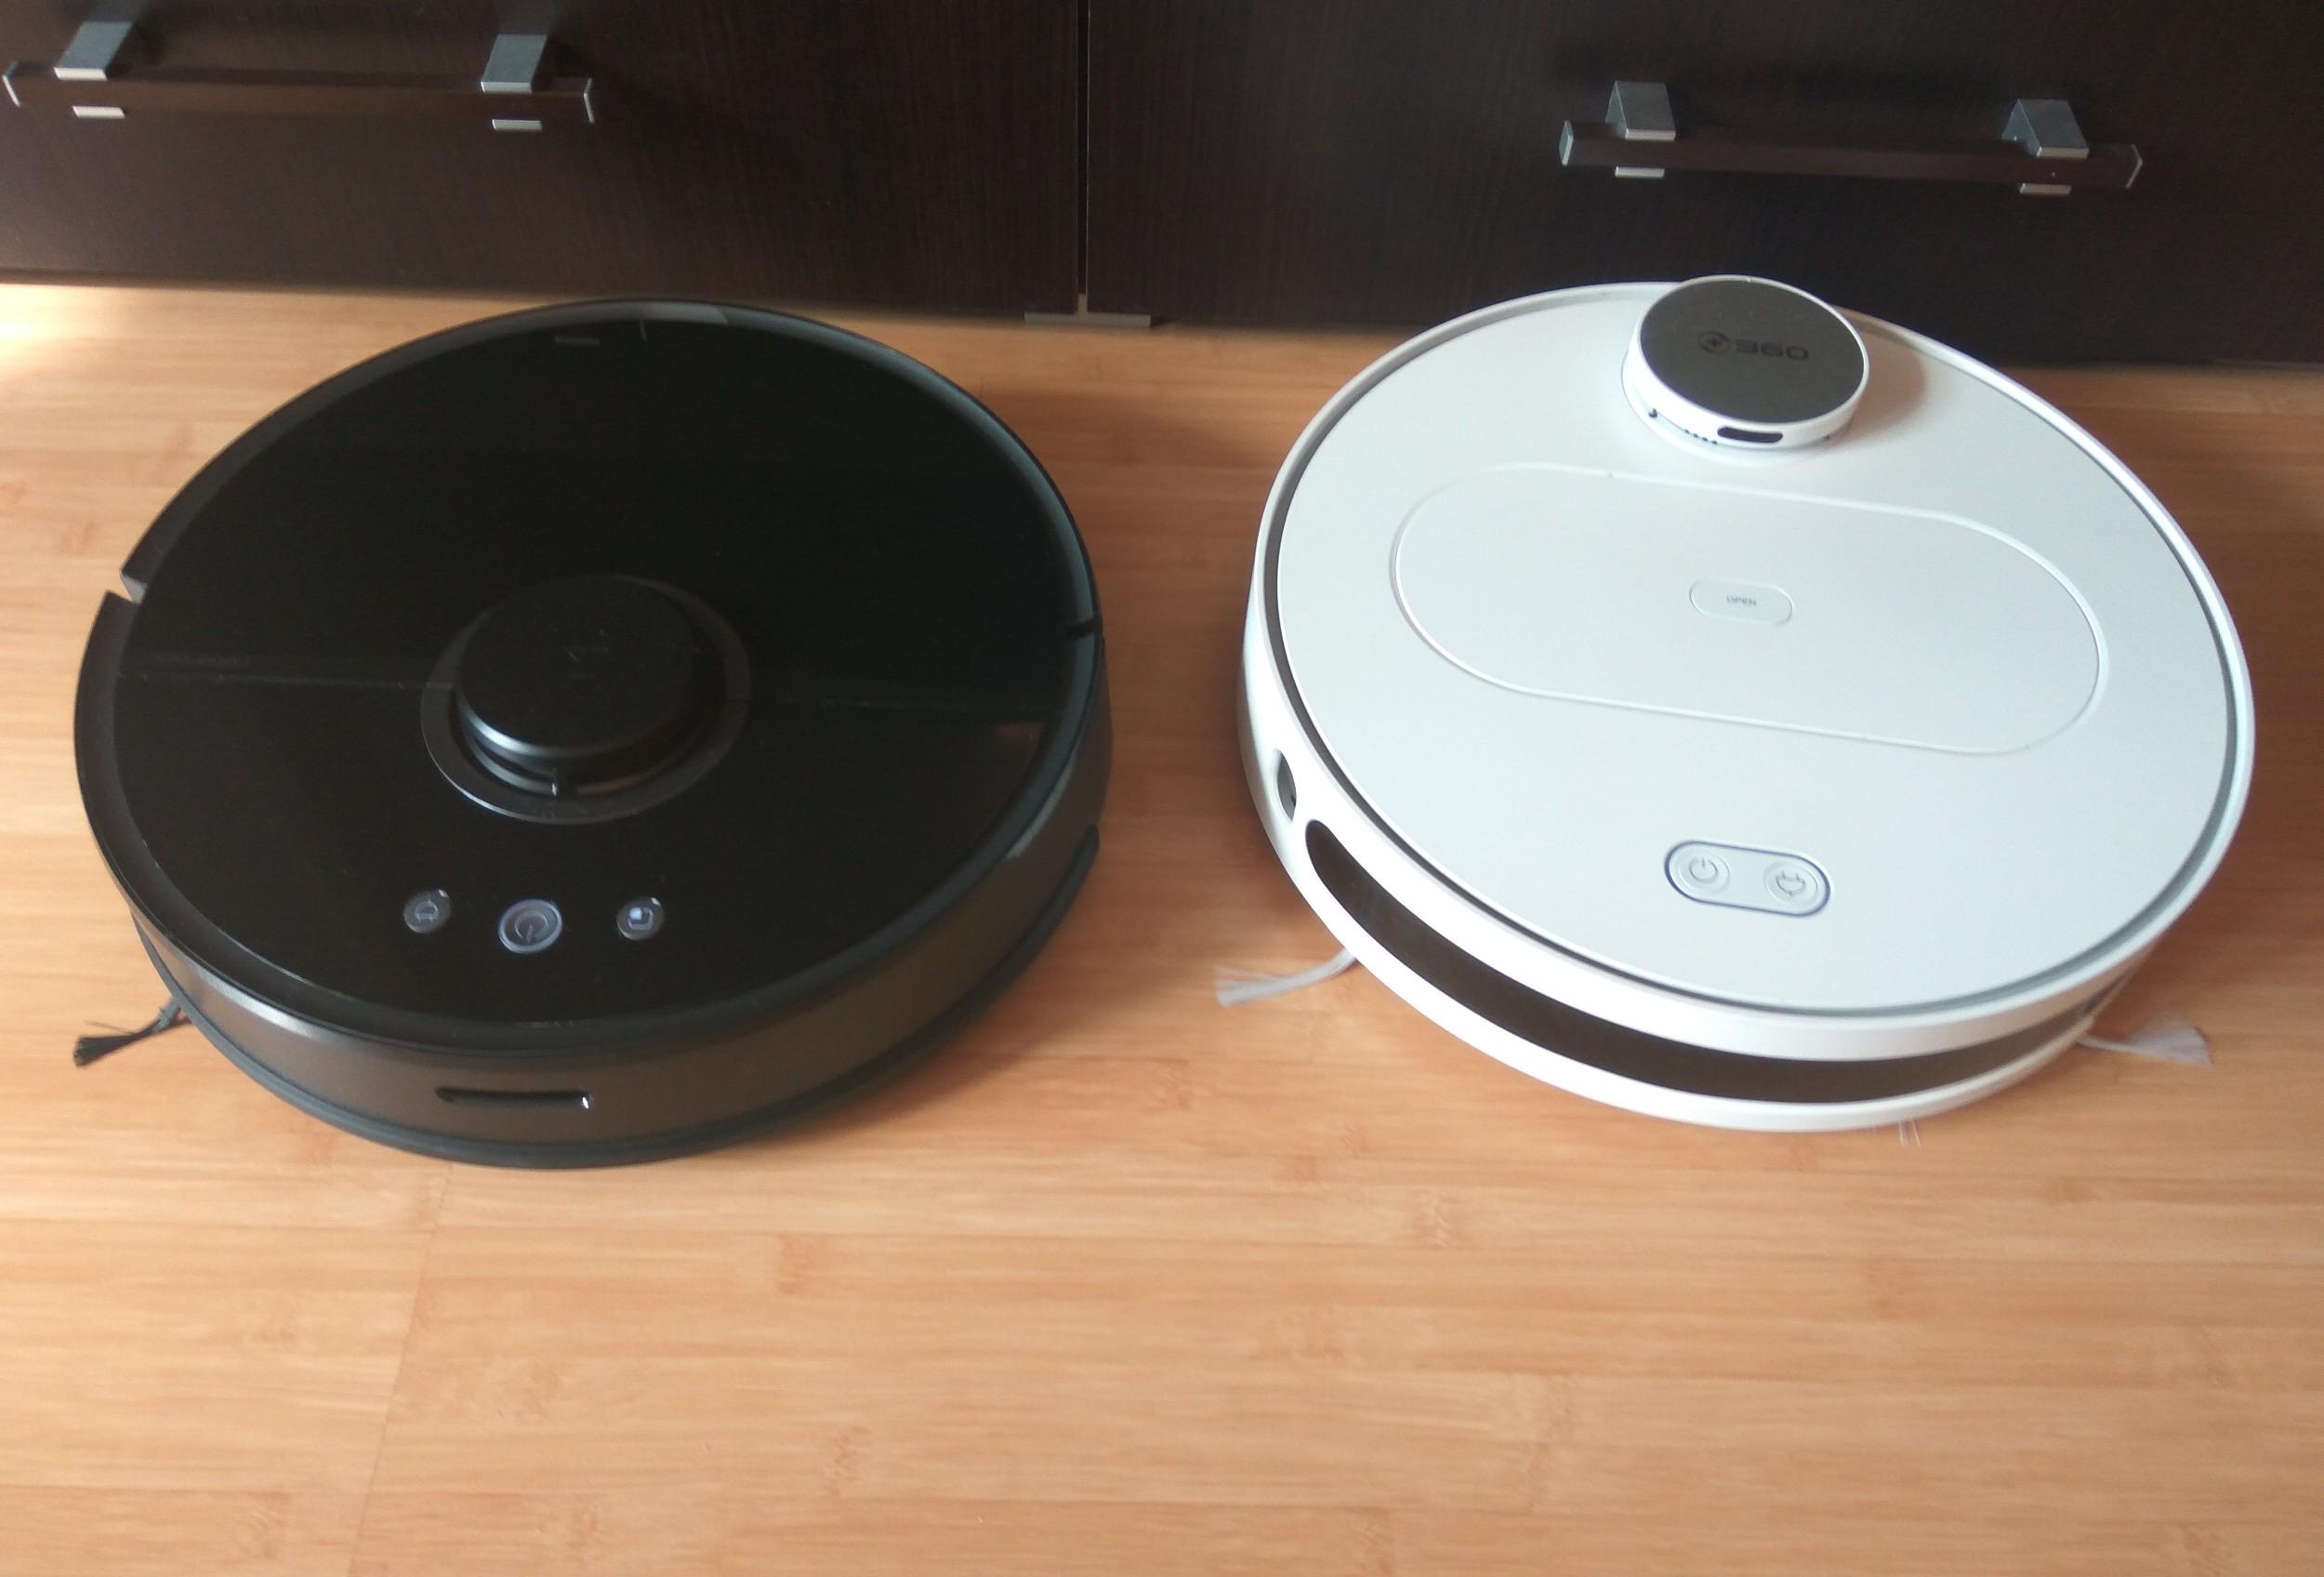 Roborock S5 Vs 360 S6 Head To Head Comparison